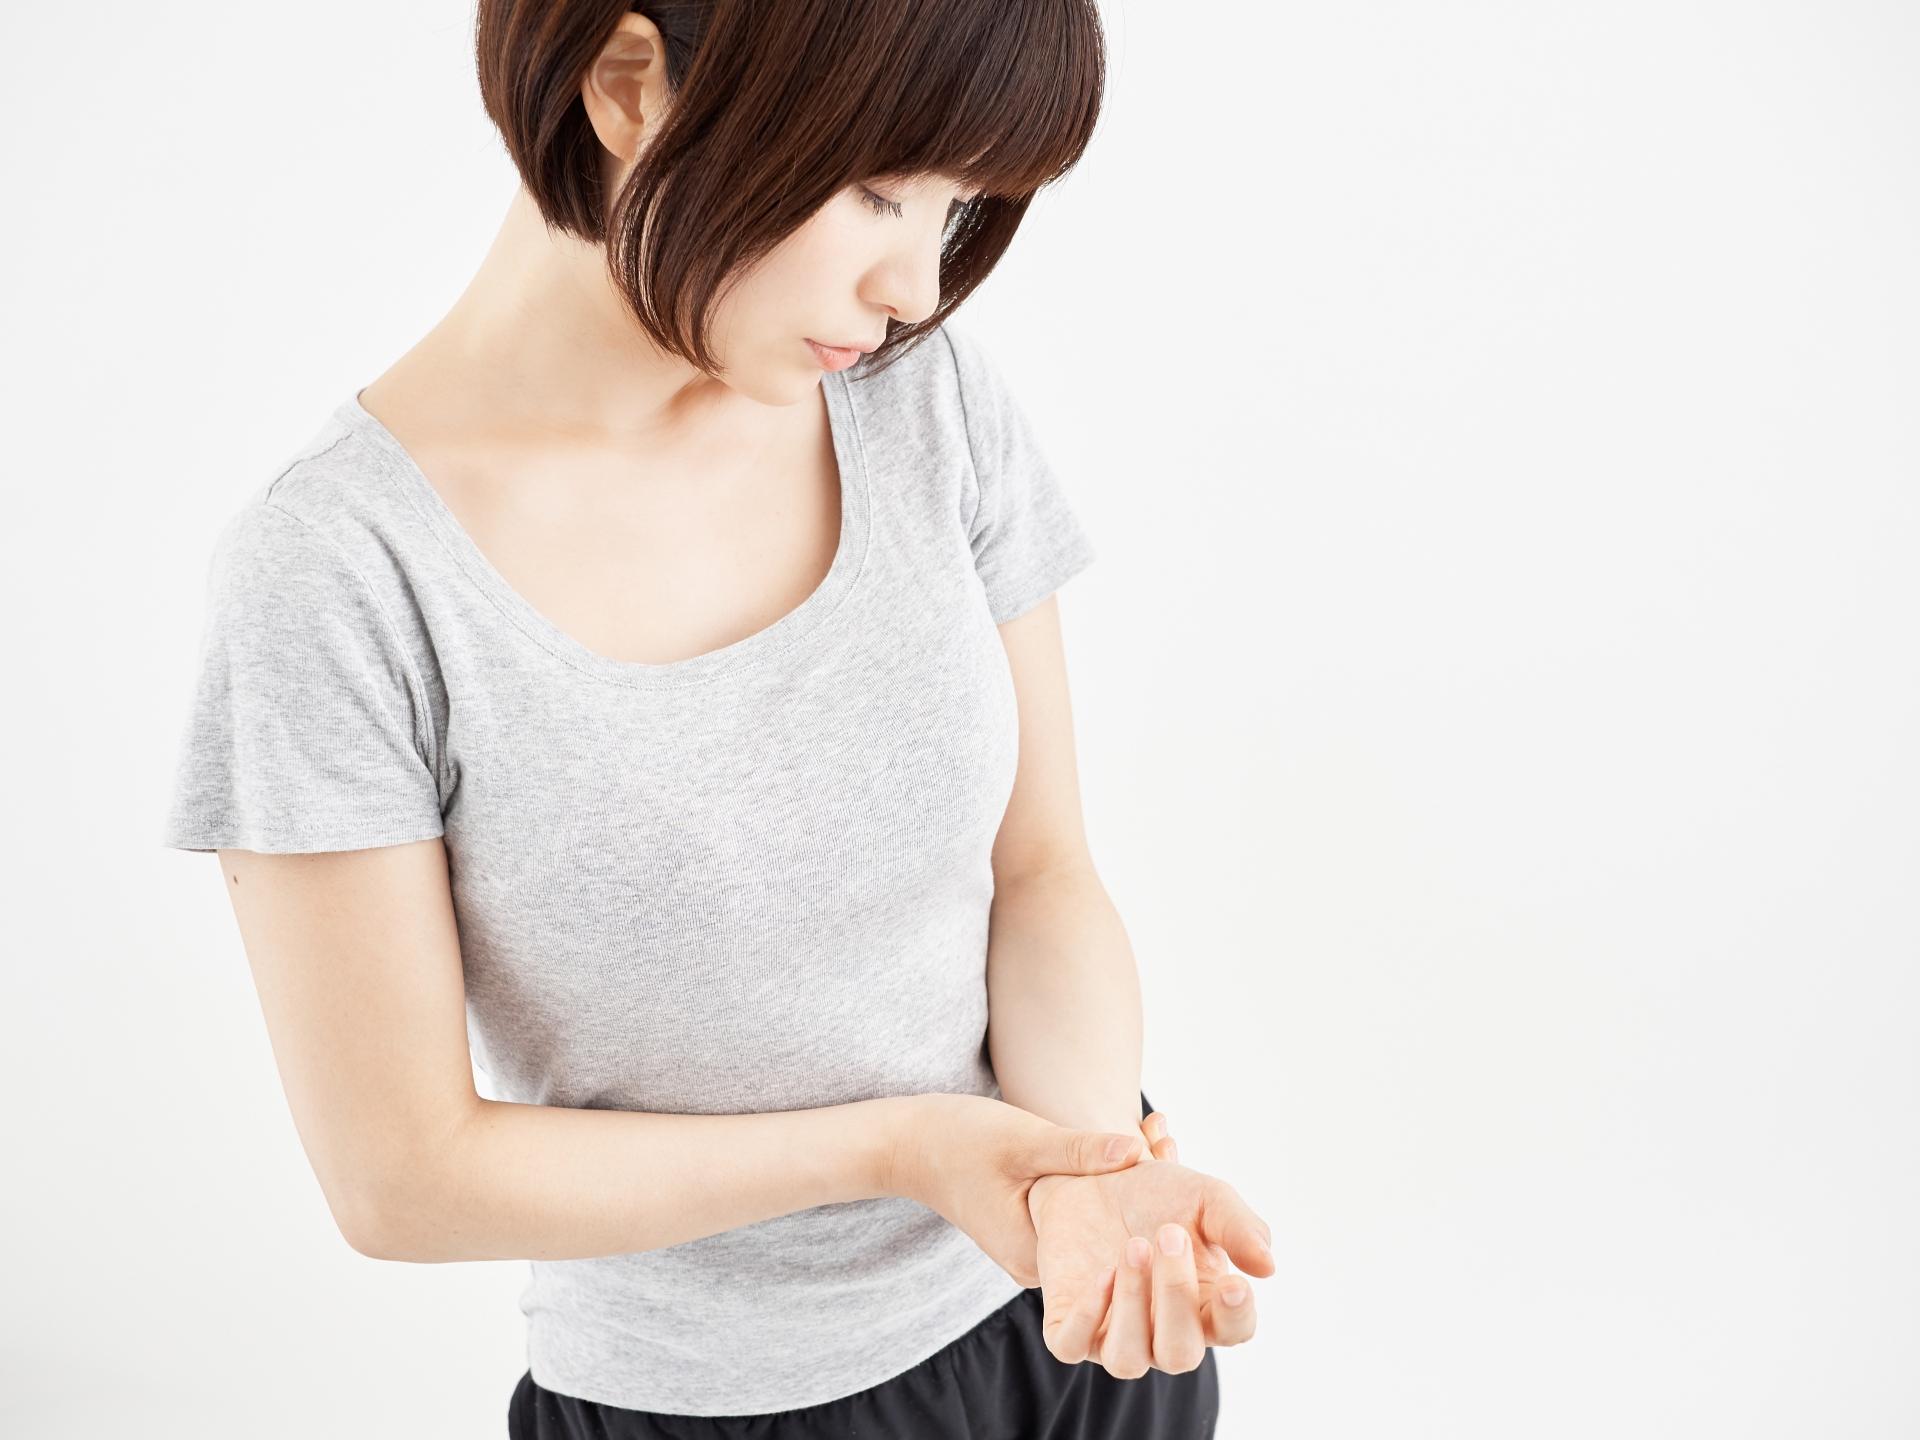 産後に腱鞘炎が起きてしまう原因と予防法